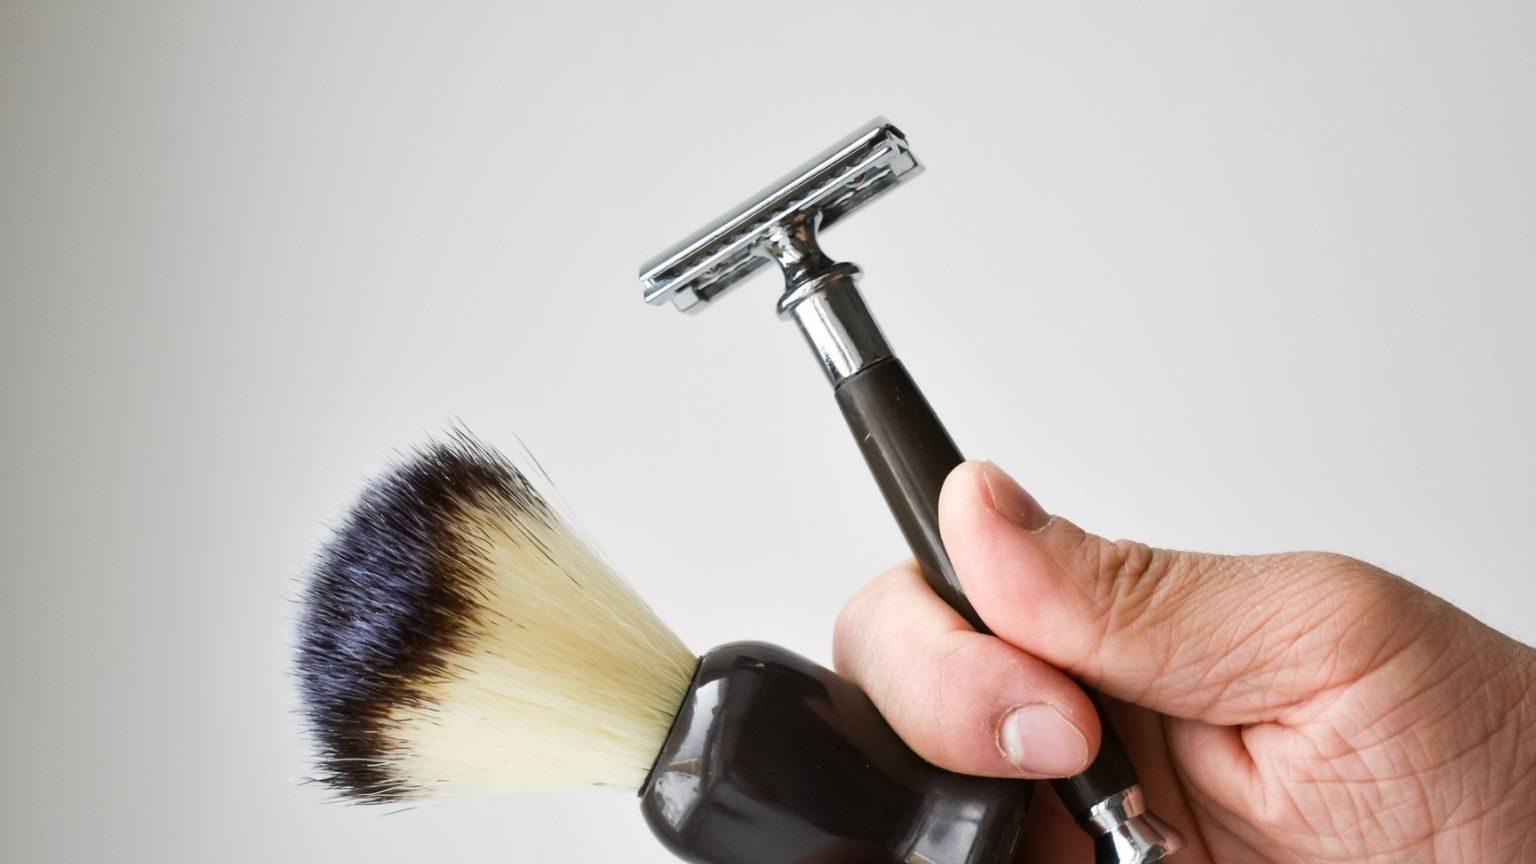 Man Holding Shaving Kit